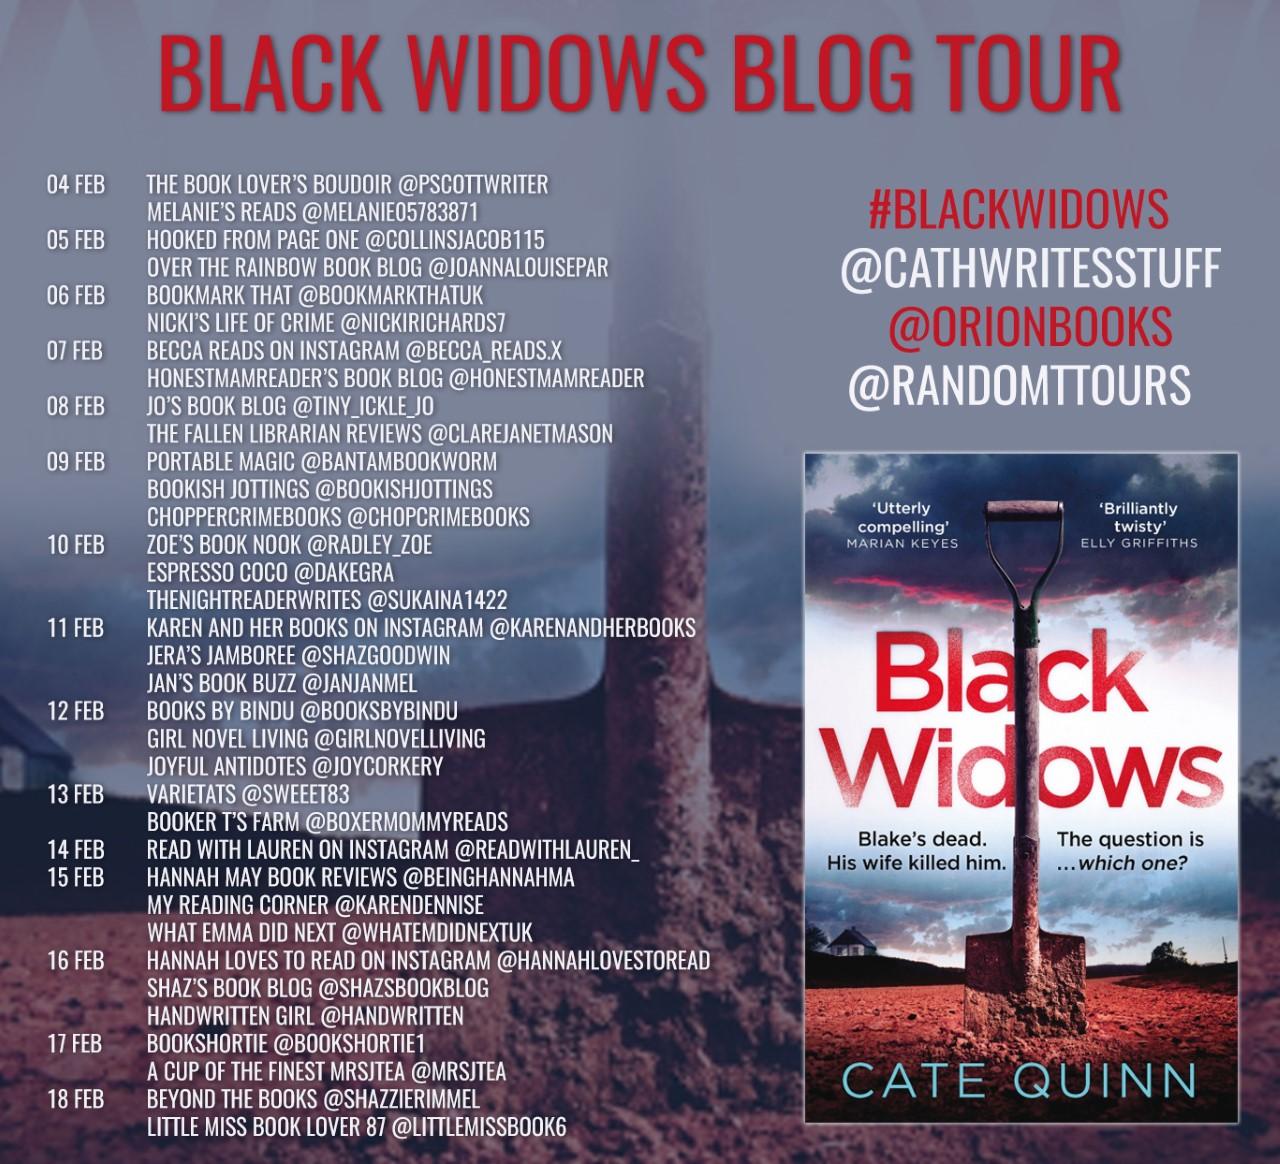 Black Widows BT Poster